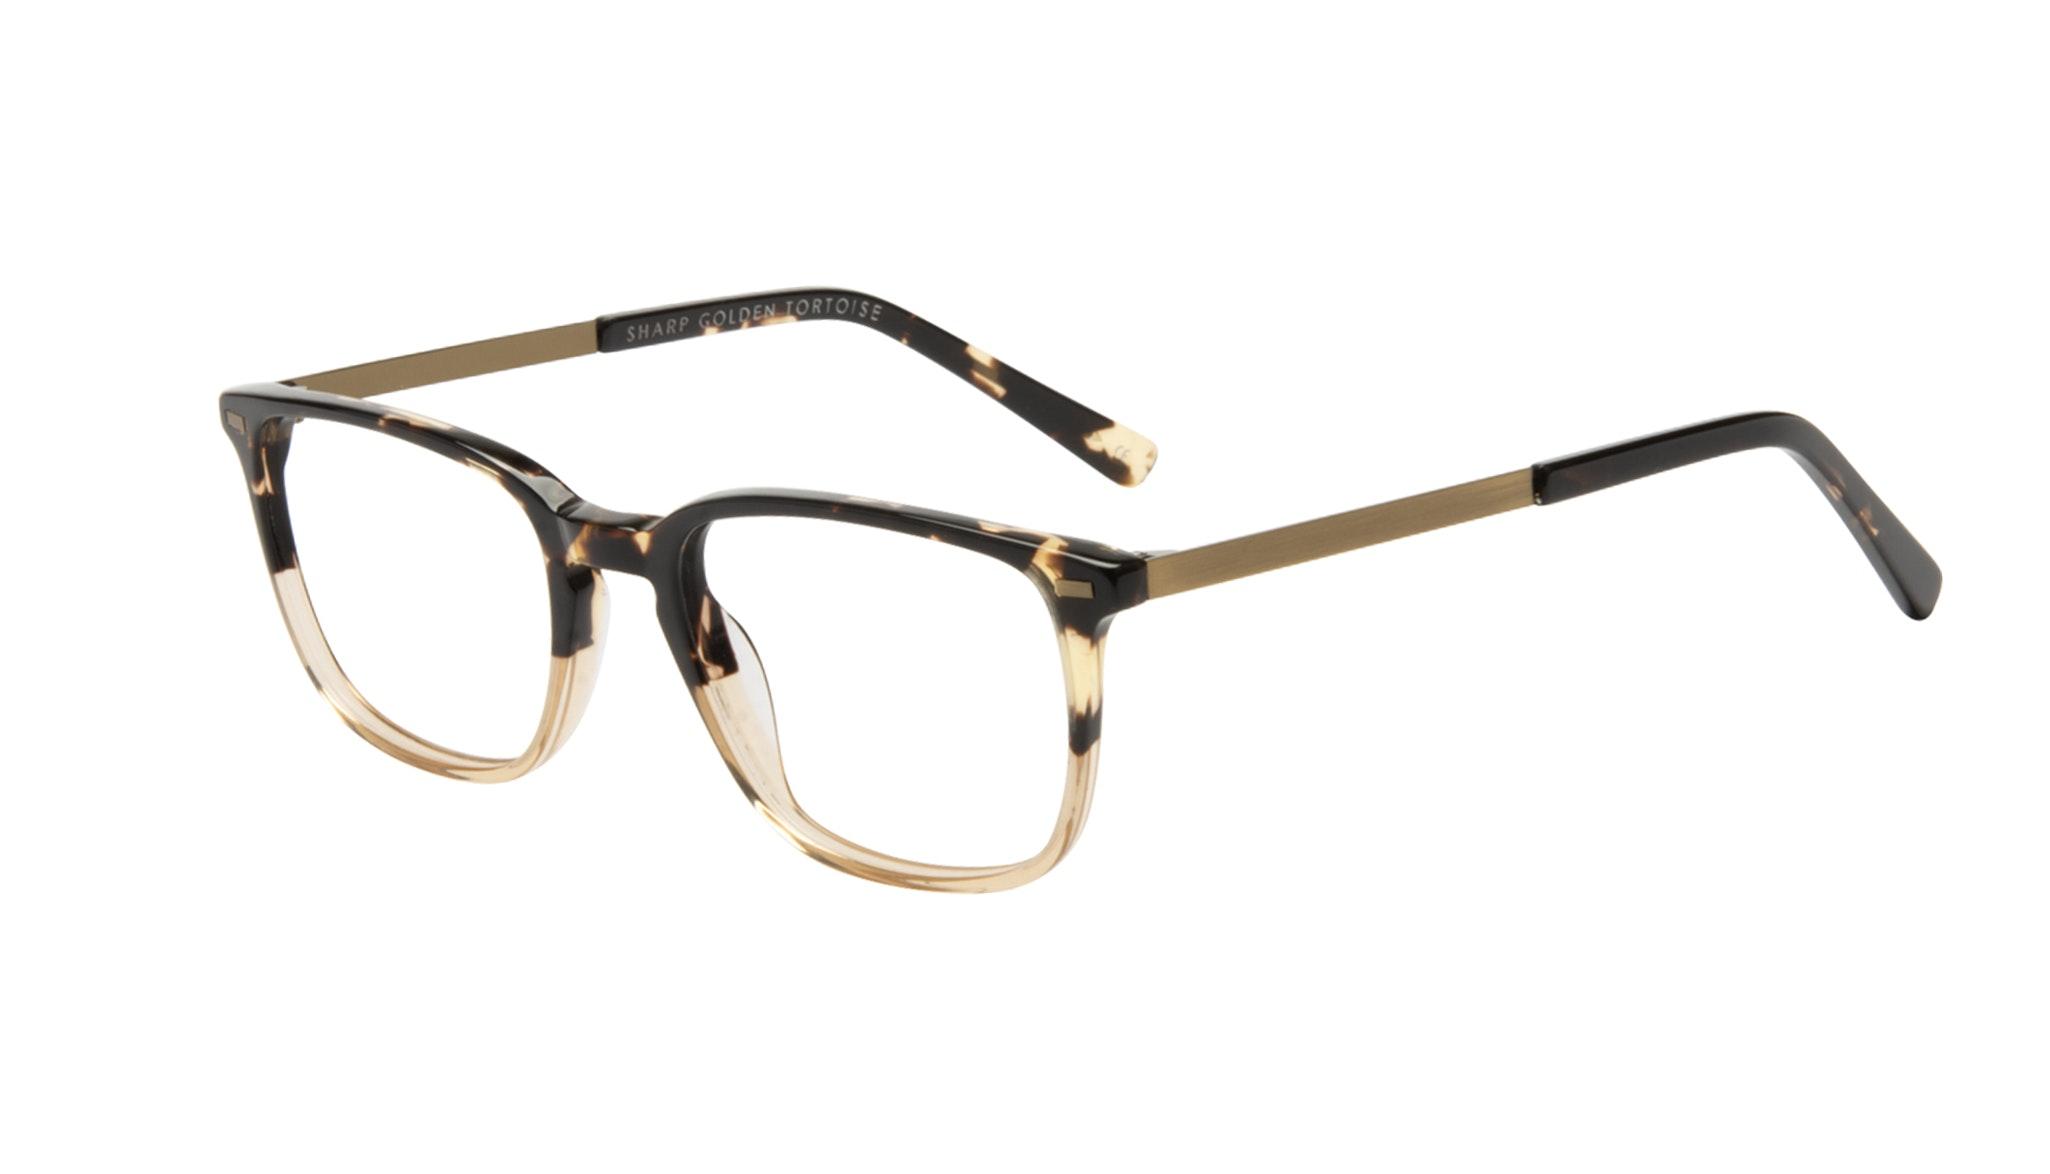 Affordable Fashion Glasses Rectangle Eyeglasses Men Sharp Golden Tortoise Tilt